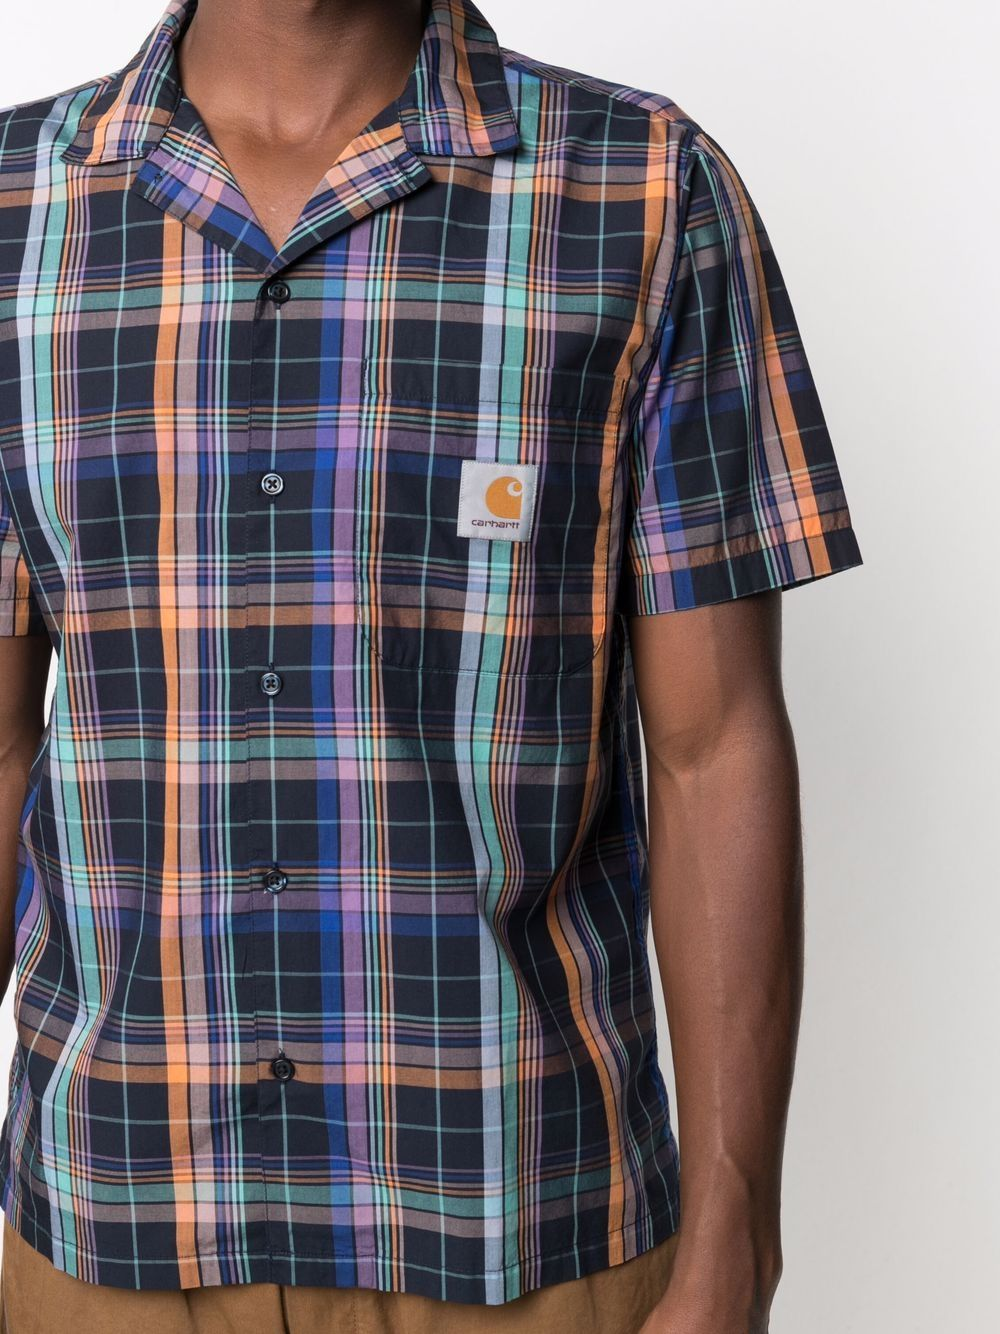 Carhartt wip camicia a maniche corte uomo CARHARTT WIP | Camicie | I0289441C.90